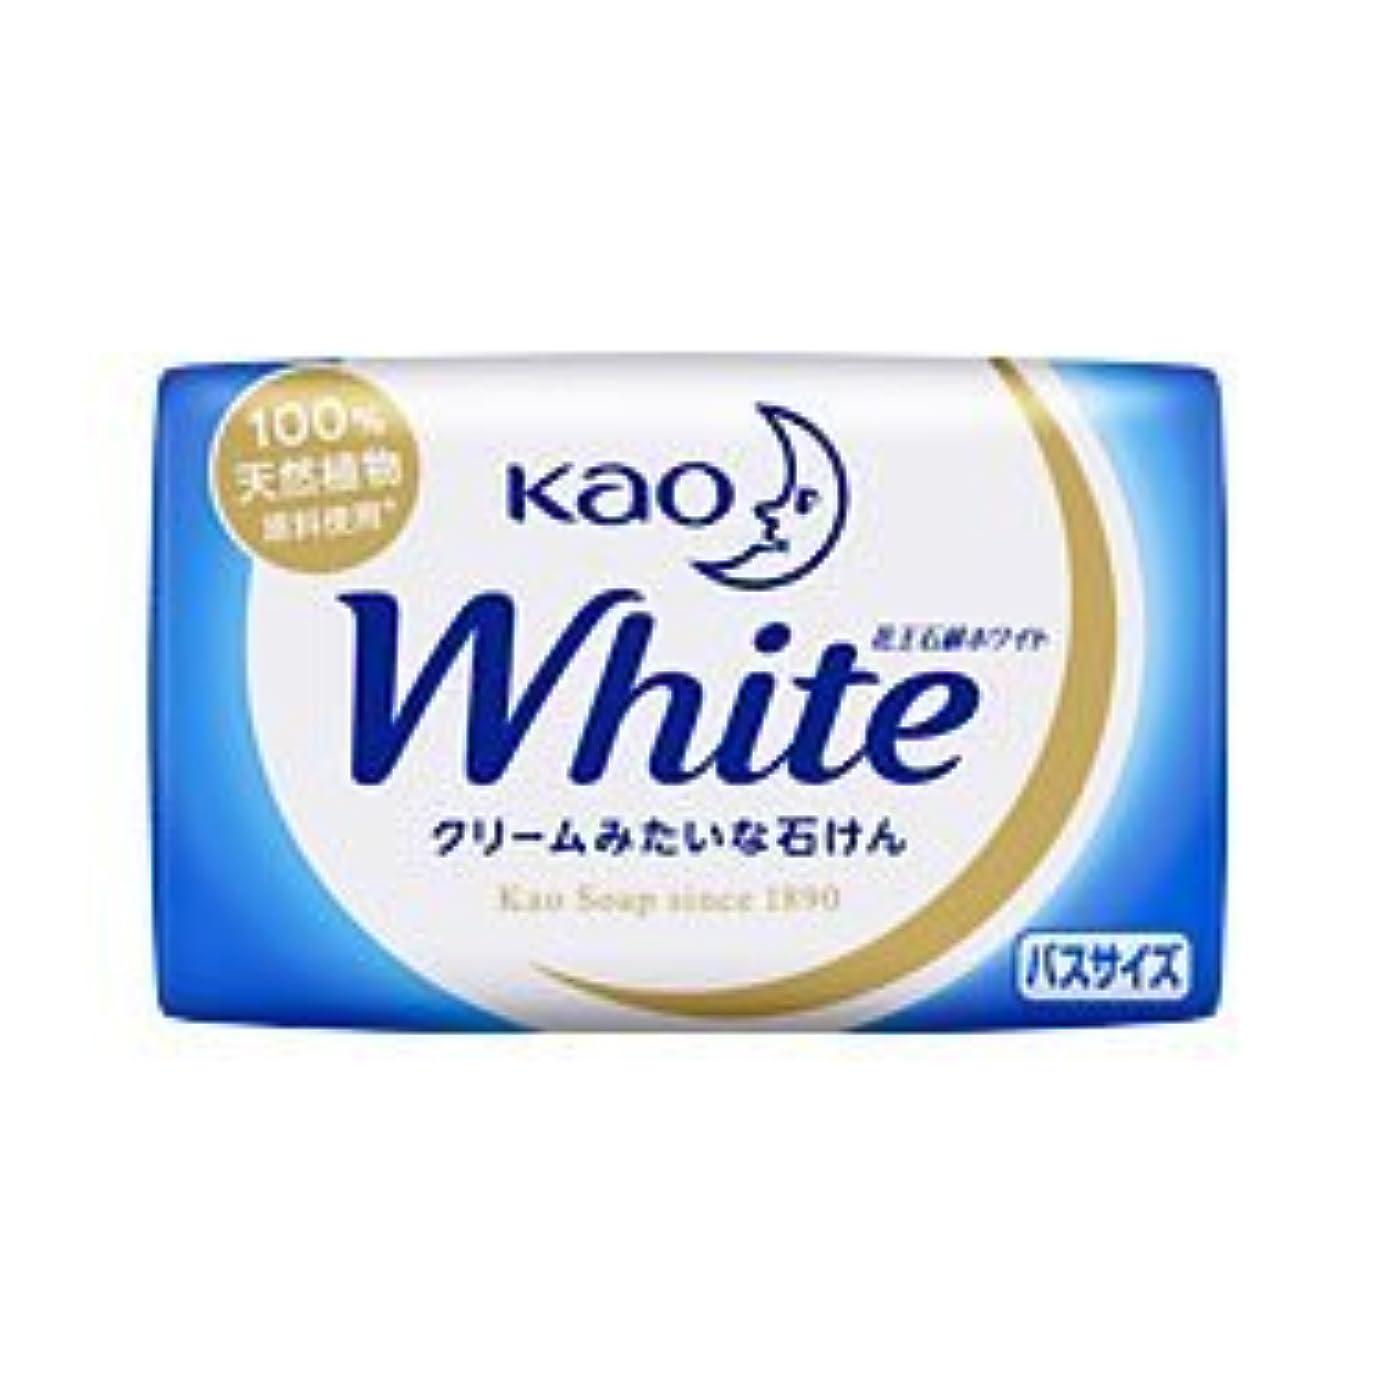 無声でホールド大胆【花王】花王ホワイト バスサイズ 1個 130g ×5個セット